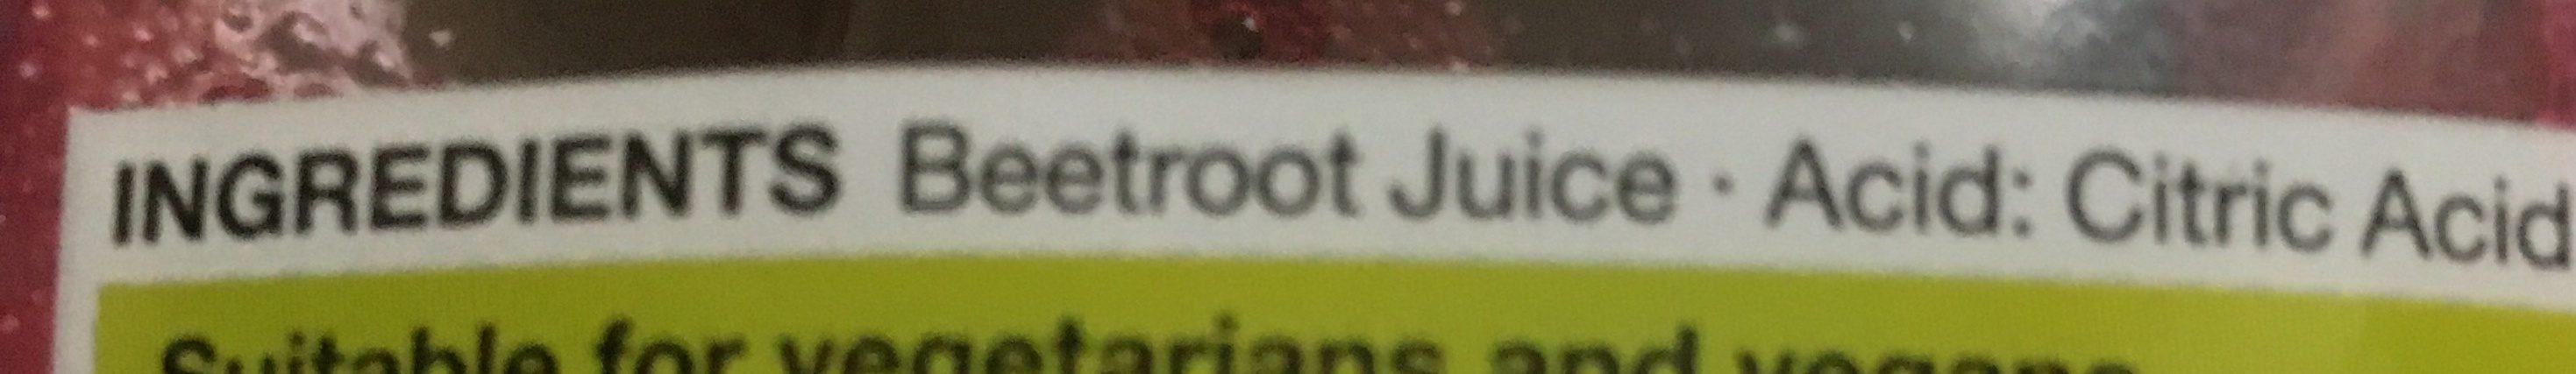 Beetroot juice - Ingredients